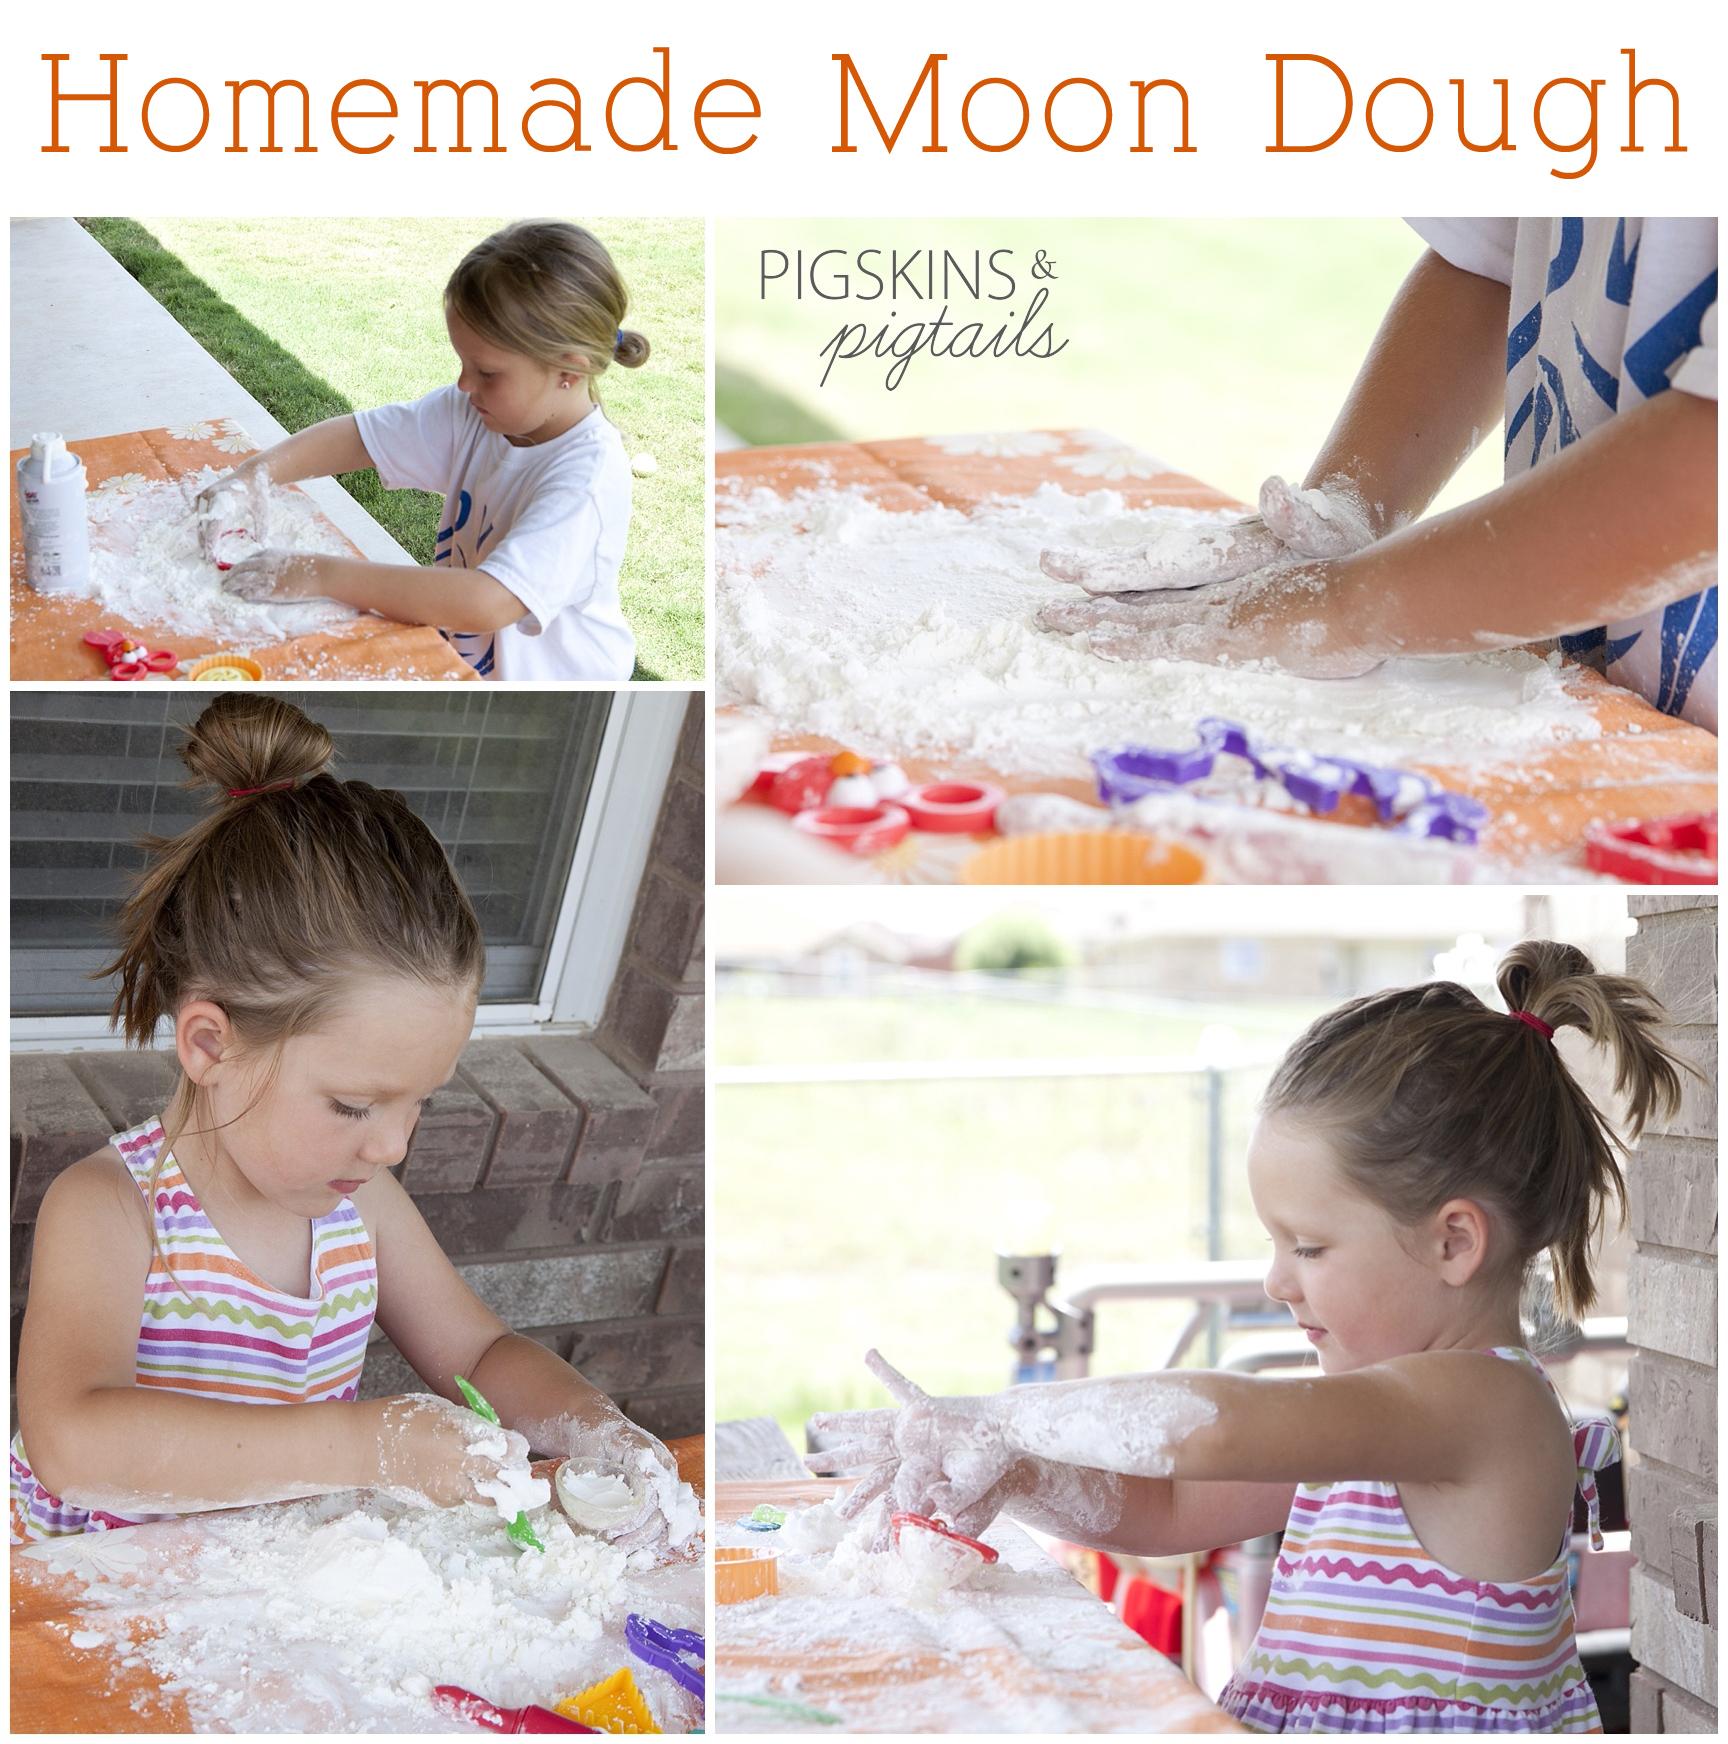 Homemade Moon Dough